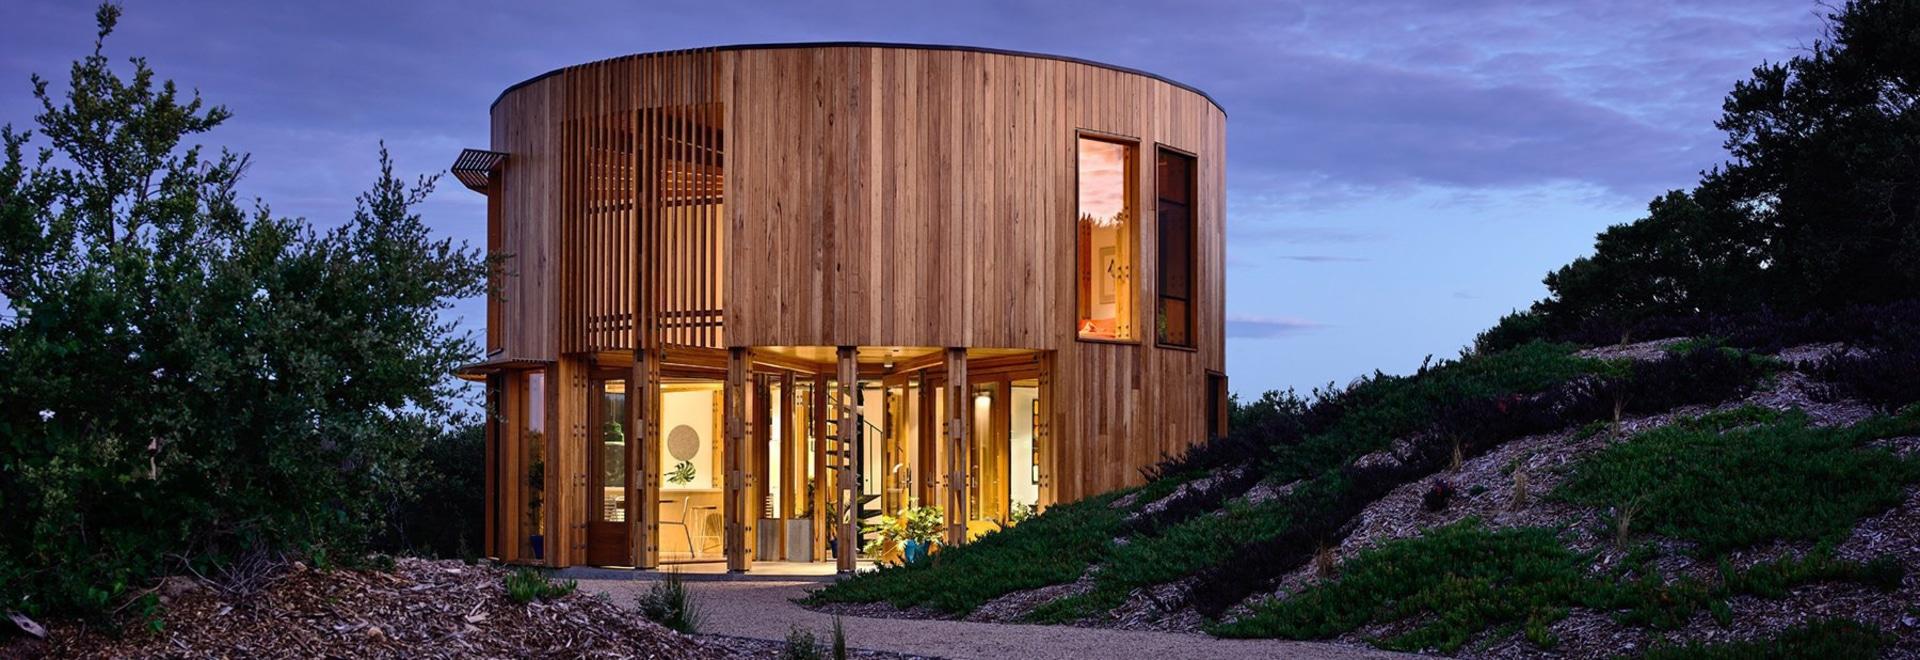 la maison de plage circulaire des maynard d'Austin est isolée parmi les dunes côtières de l'australie